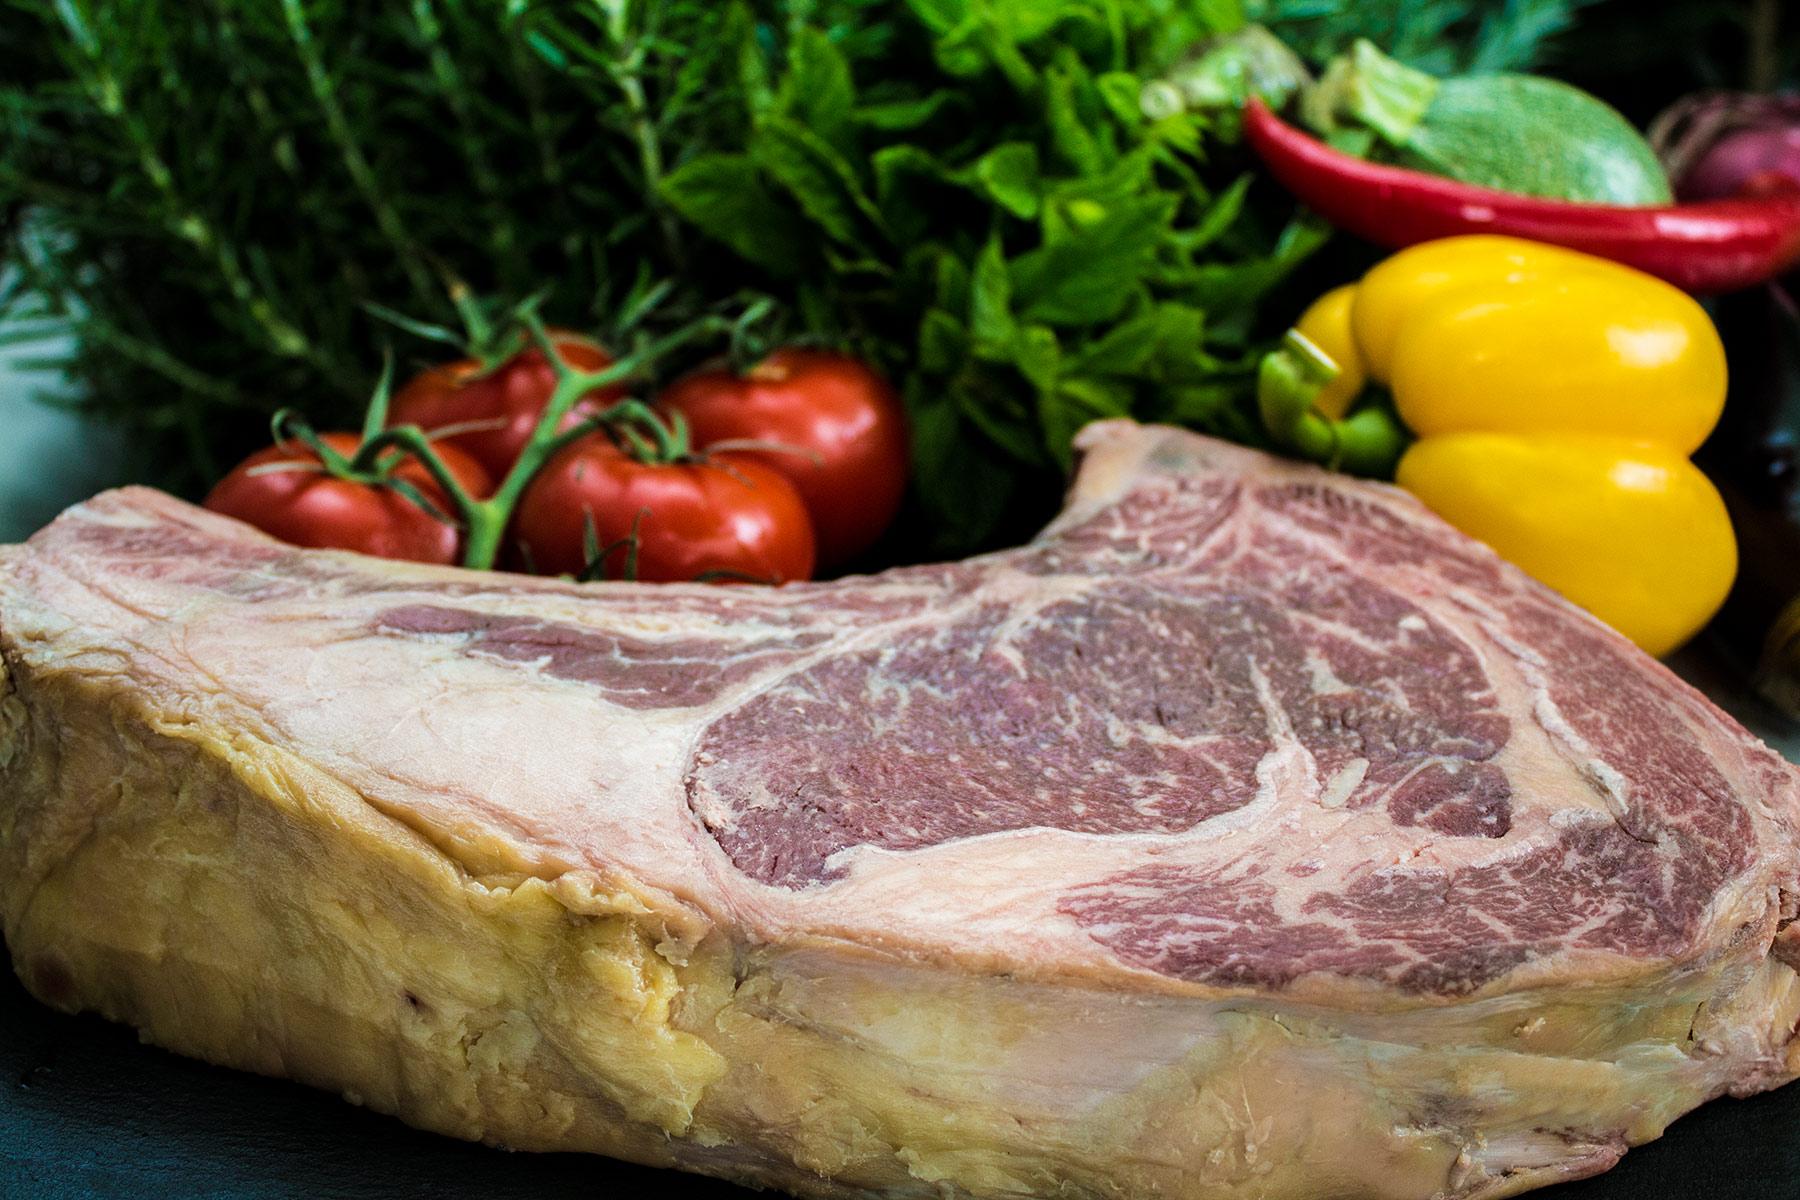 Txogitxu Fleisch Fur Luxusgriller Das Beste Steak Der Welt